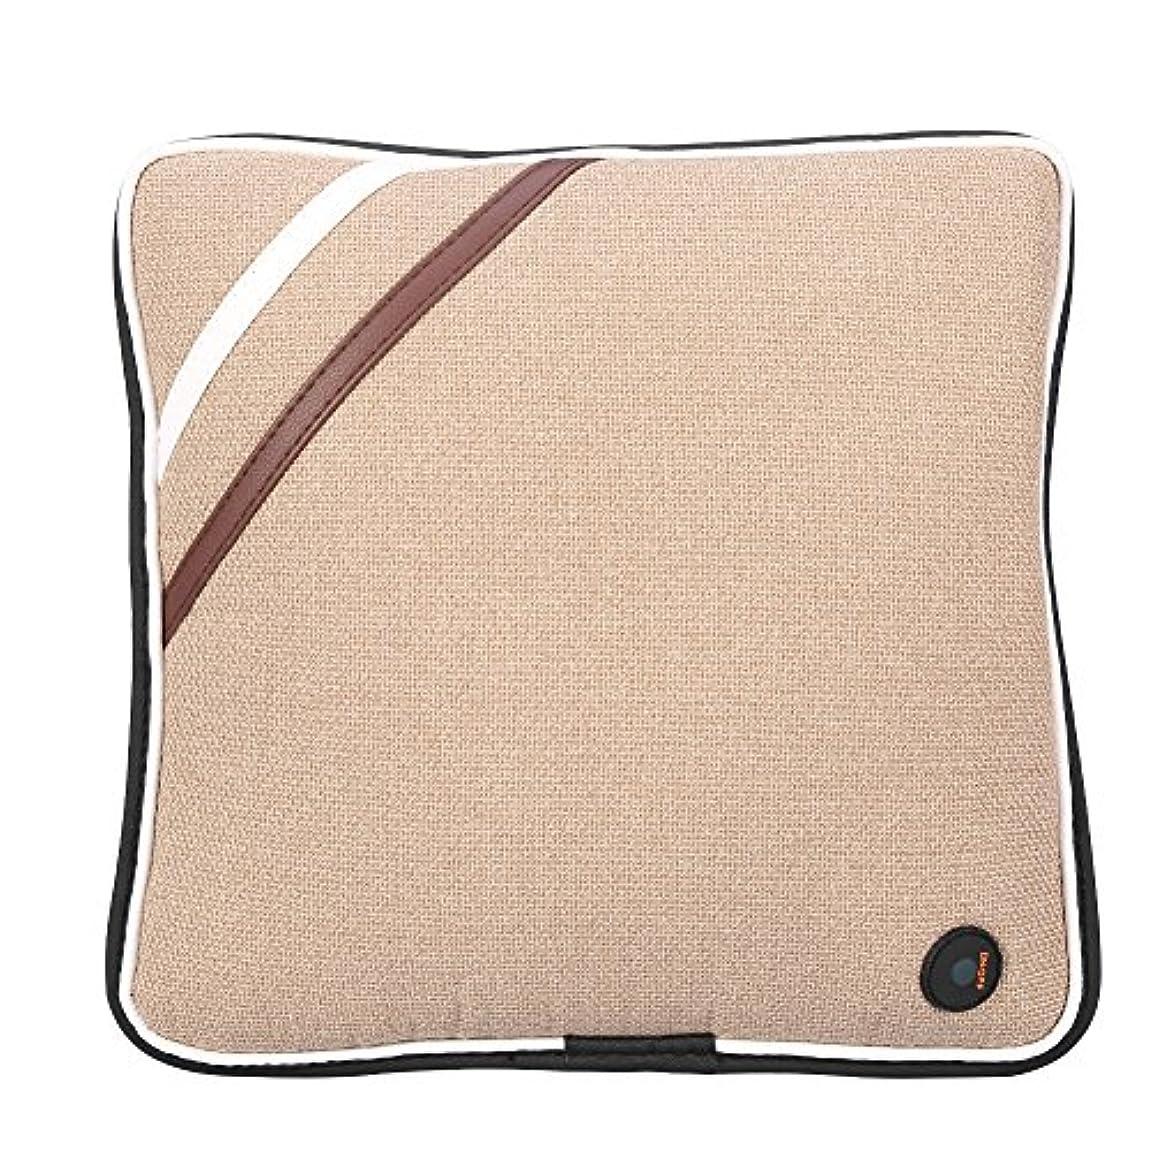 ロバ解凍する、雪解け、霜解け焼く電気マッサージの枕、旅行車の家、セリウム/FDA/RoHS/LVDの証明のためのUSBの再充電可能で柔らかい綿の首の背部クッションのマッサージャー(Linen Beige)